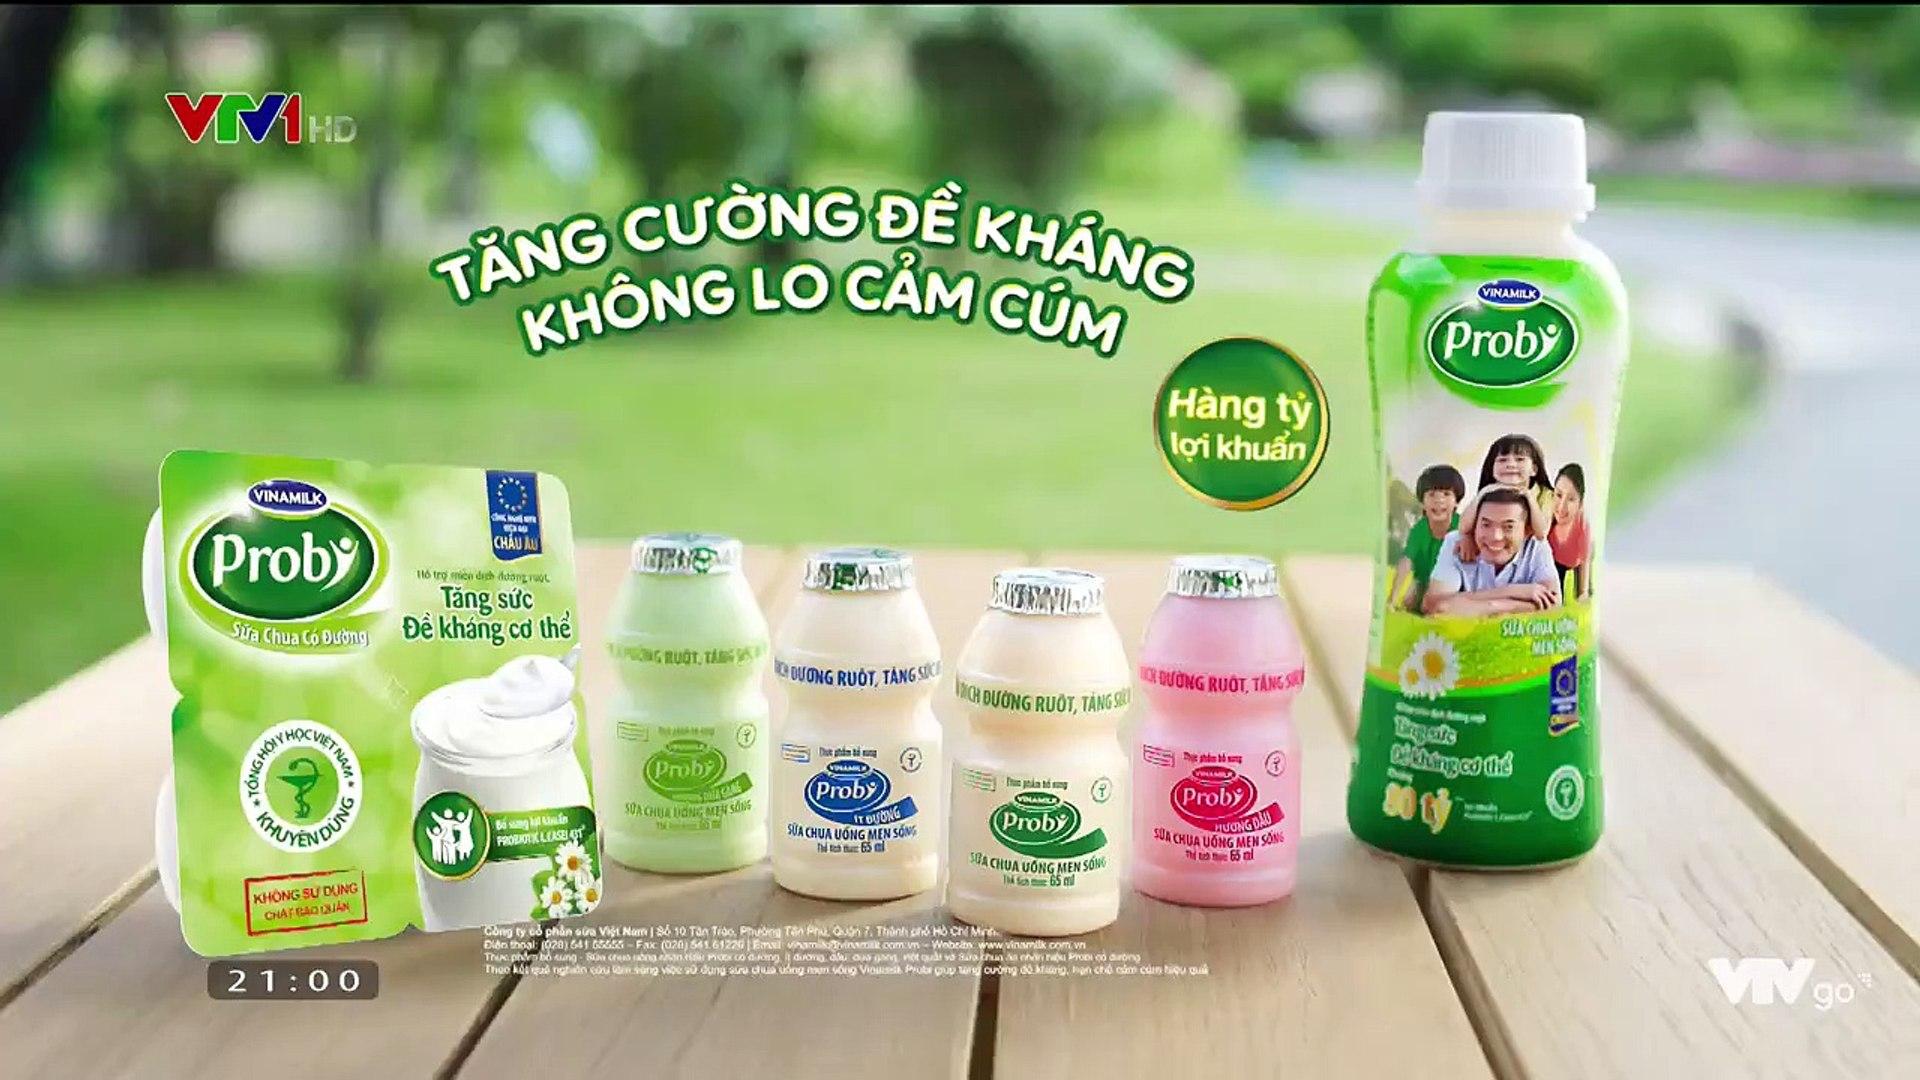 Về nhà đi con [Tập 52 HD] | Phim Việt Nam 2019 | Bản chuẩn VTV